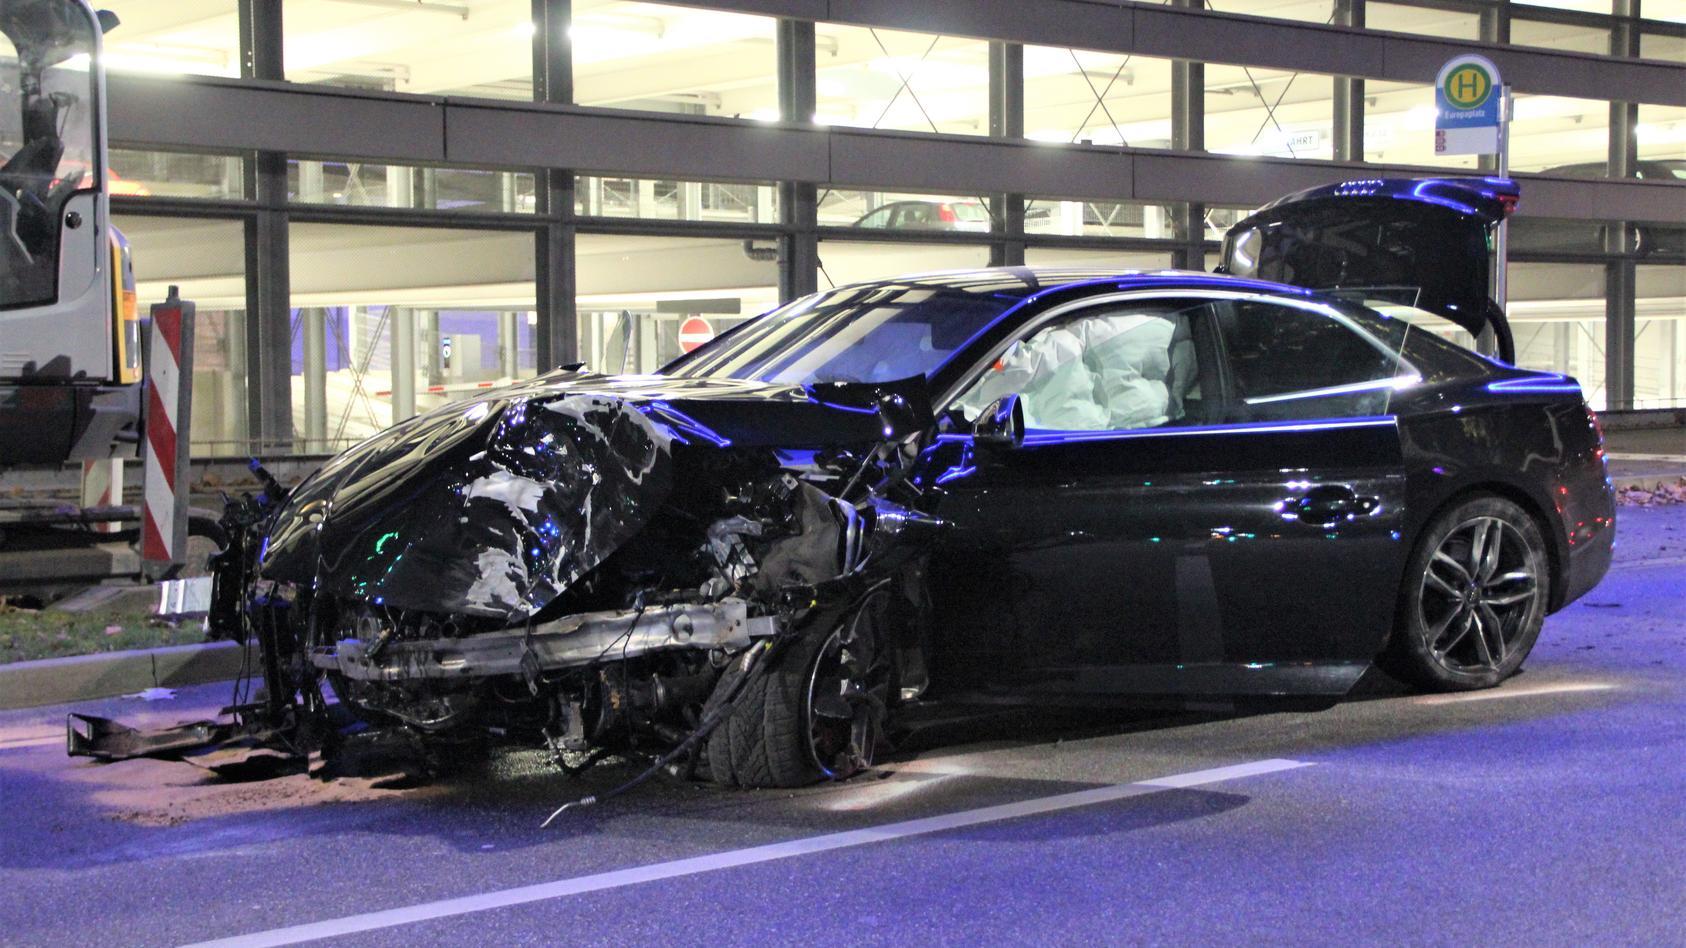 Schwerer Crash nach illegalem Autorennen am Heilbronner Europaplatz: Audi A5 kracht mit hoher Geschwindigkeit gegen Baum und wird total zerstört.